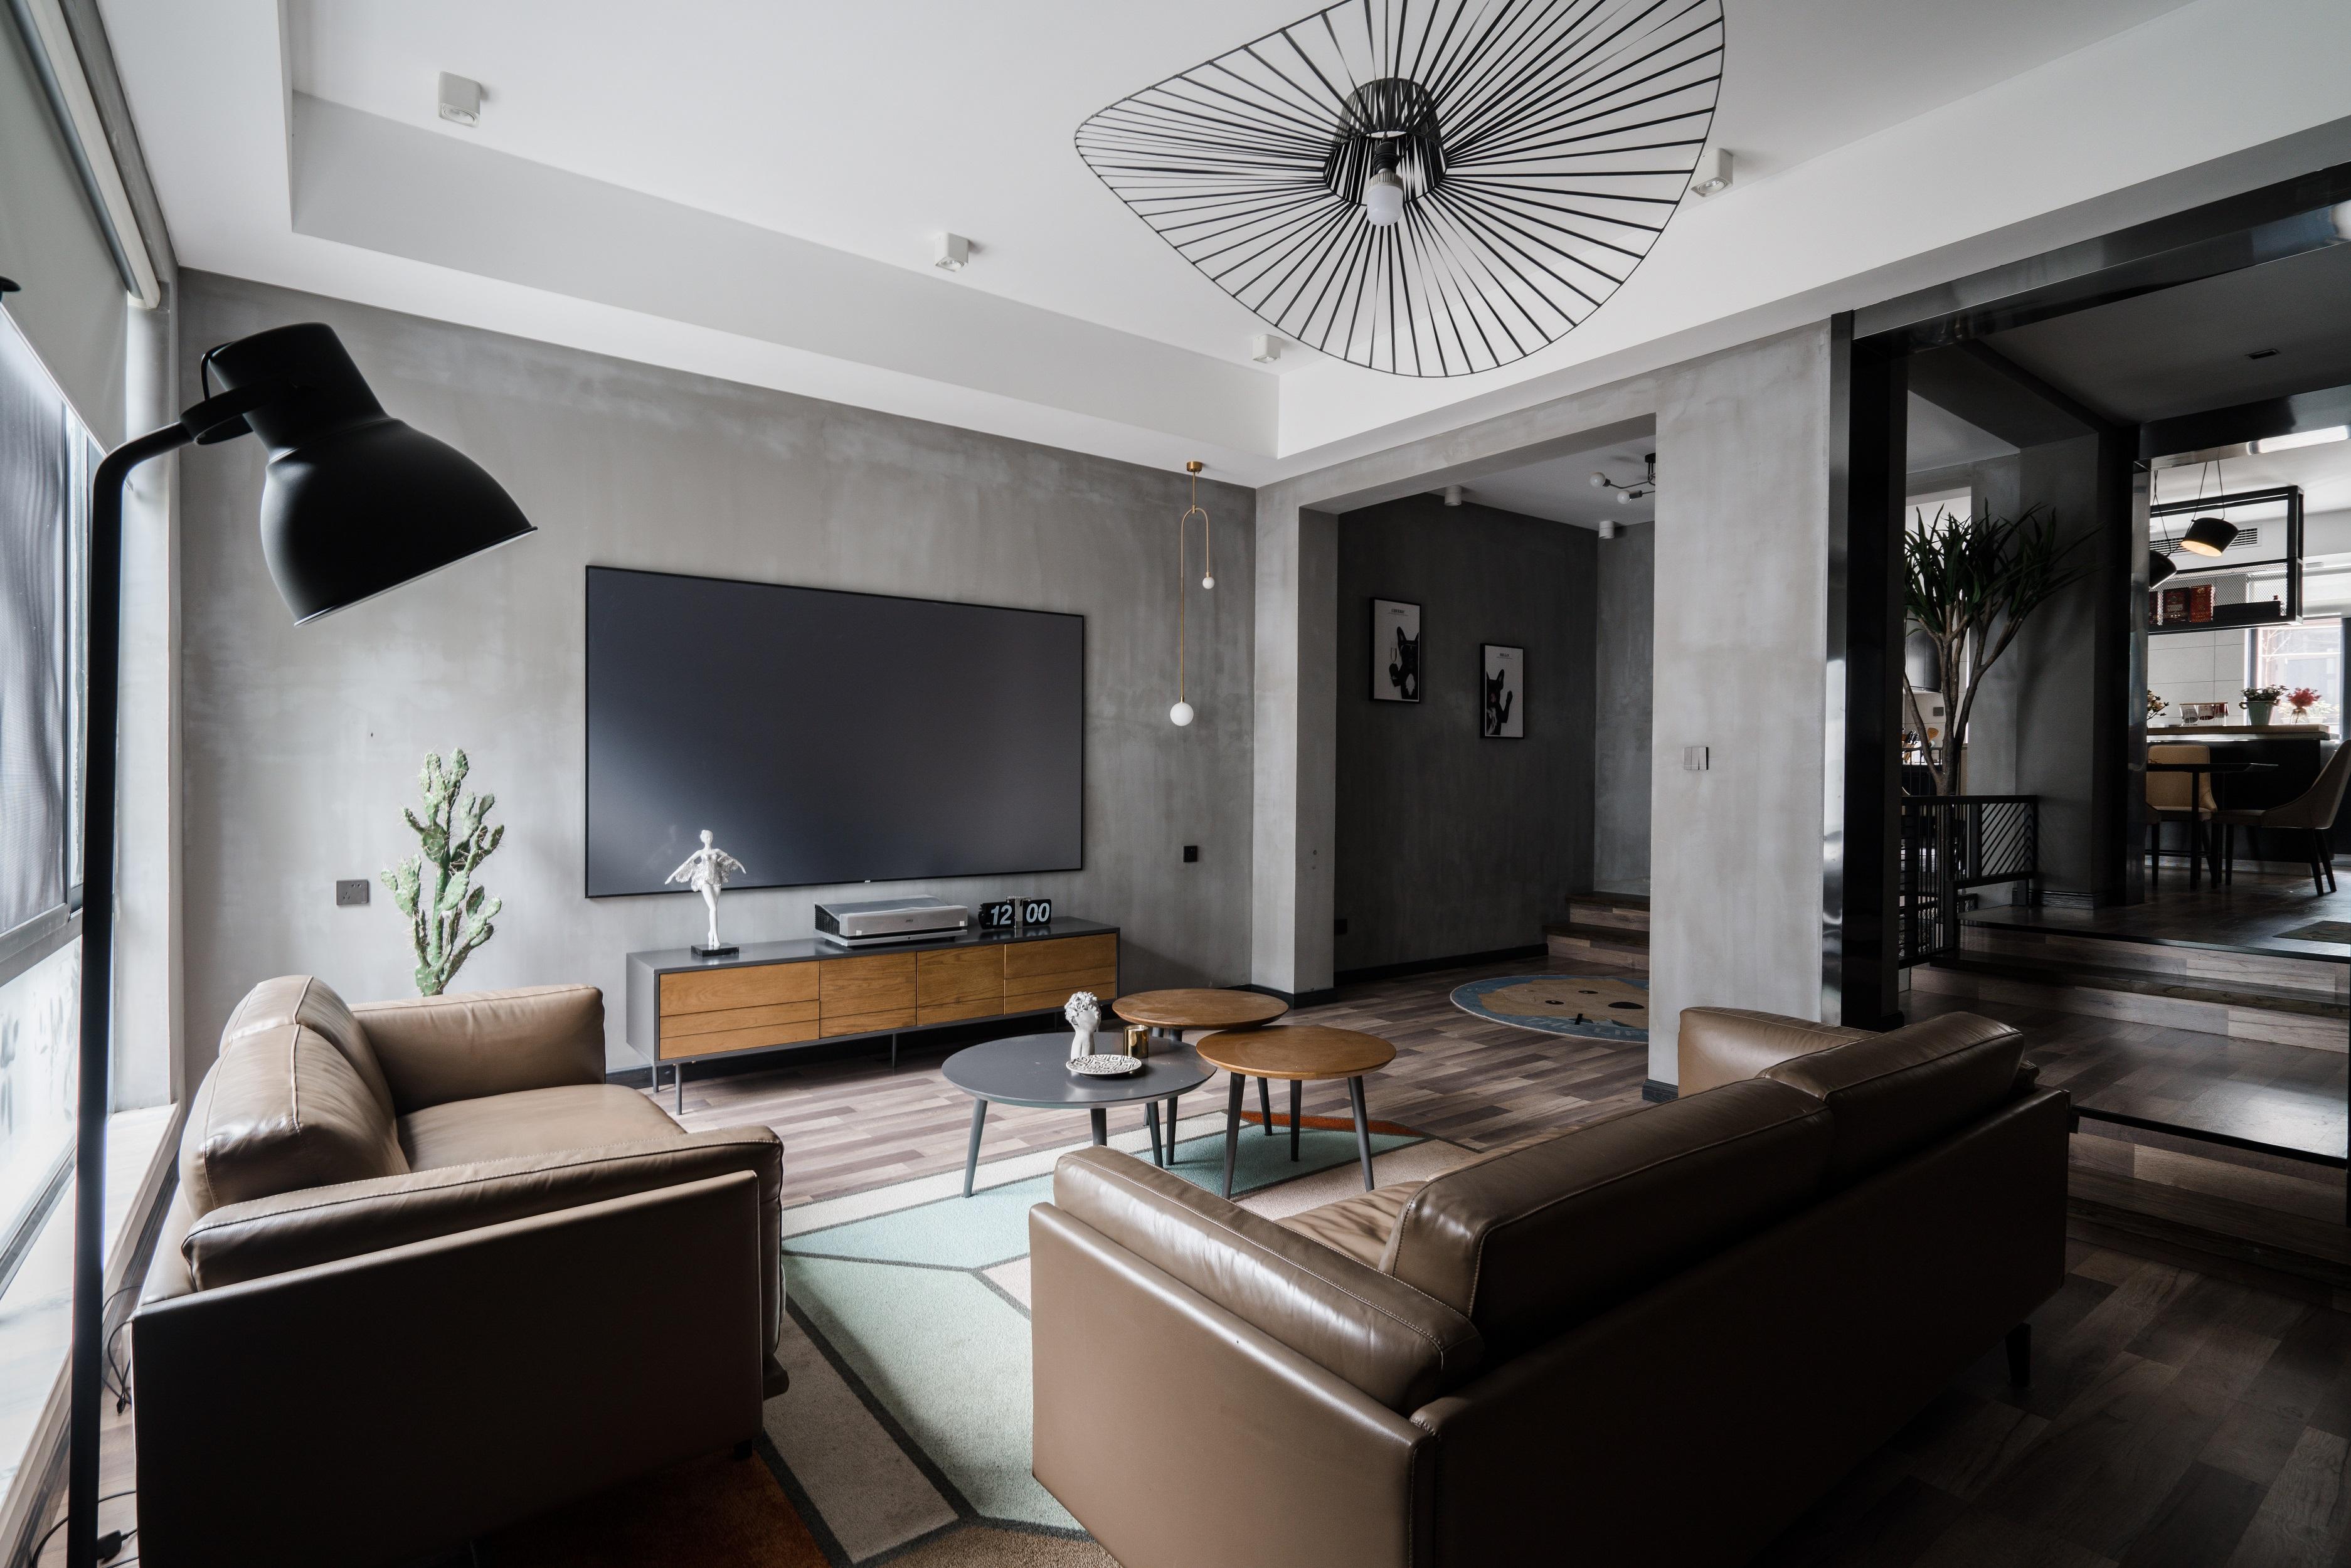 120㎡现代简约电视背景墙装修效果图